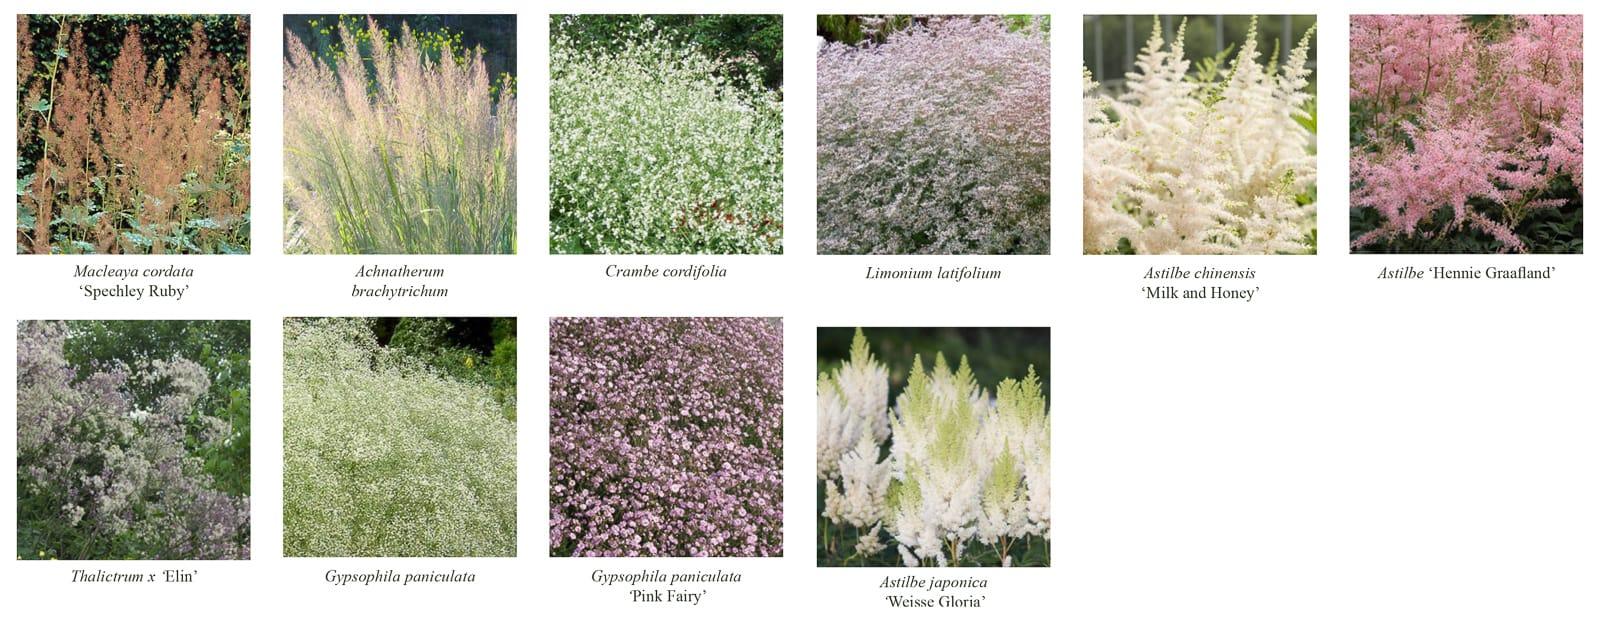 jardin peter pan vue palette botanique ®Hermeline carpentier